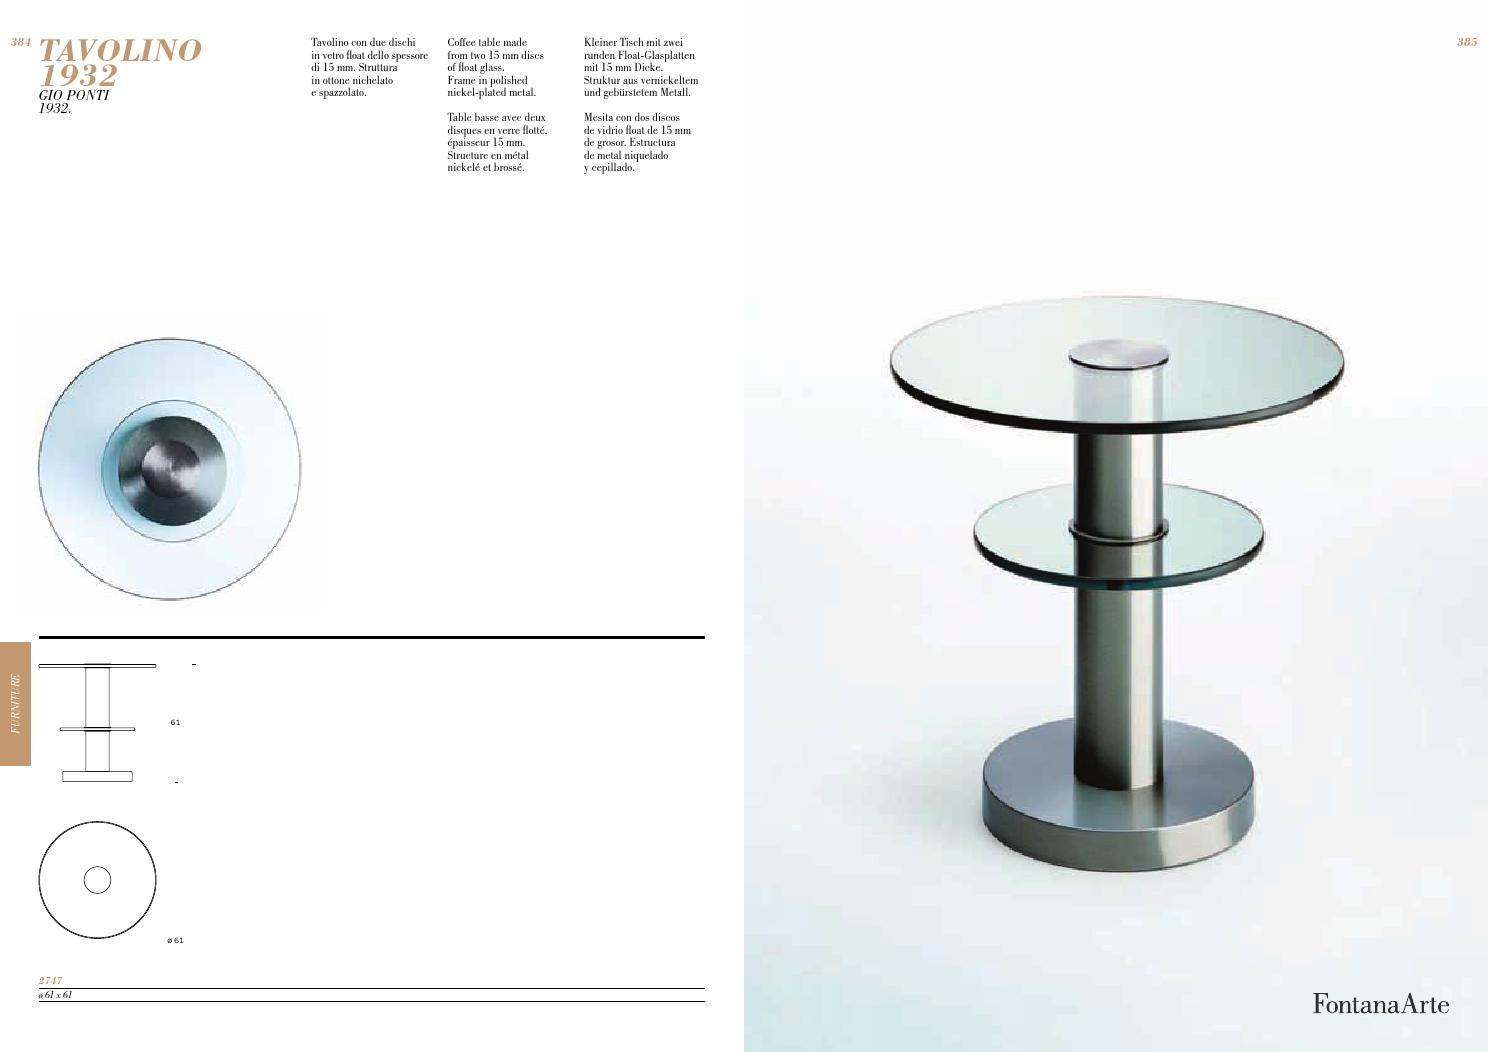 Sveta 2012 Fabrika Issuu Catalogue Fontanaarte By BCdxoe